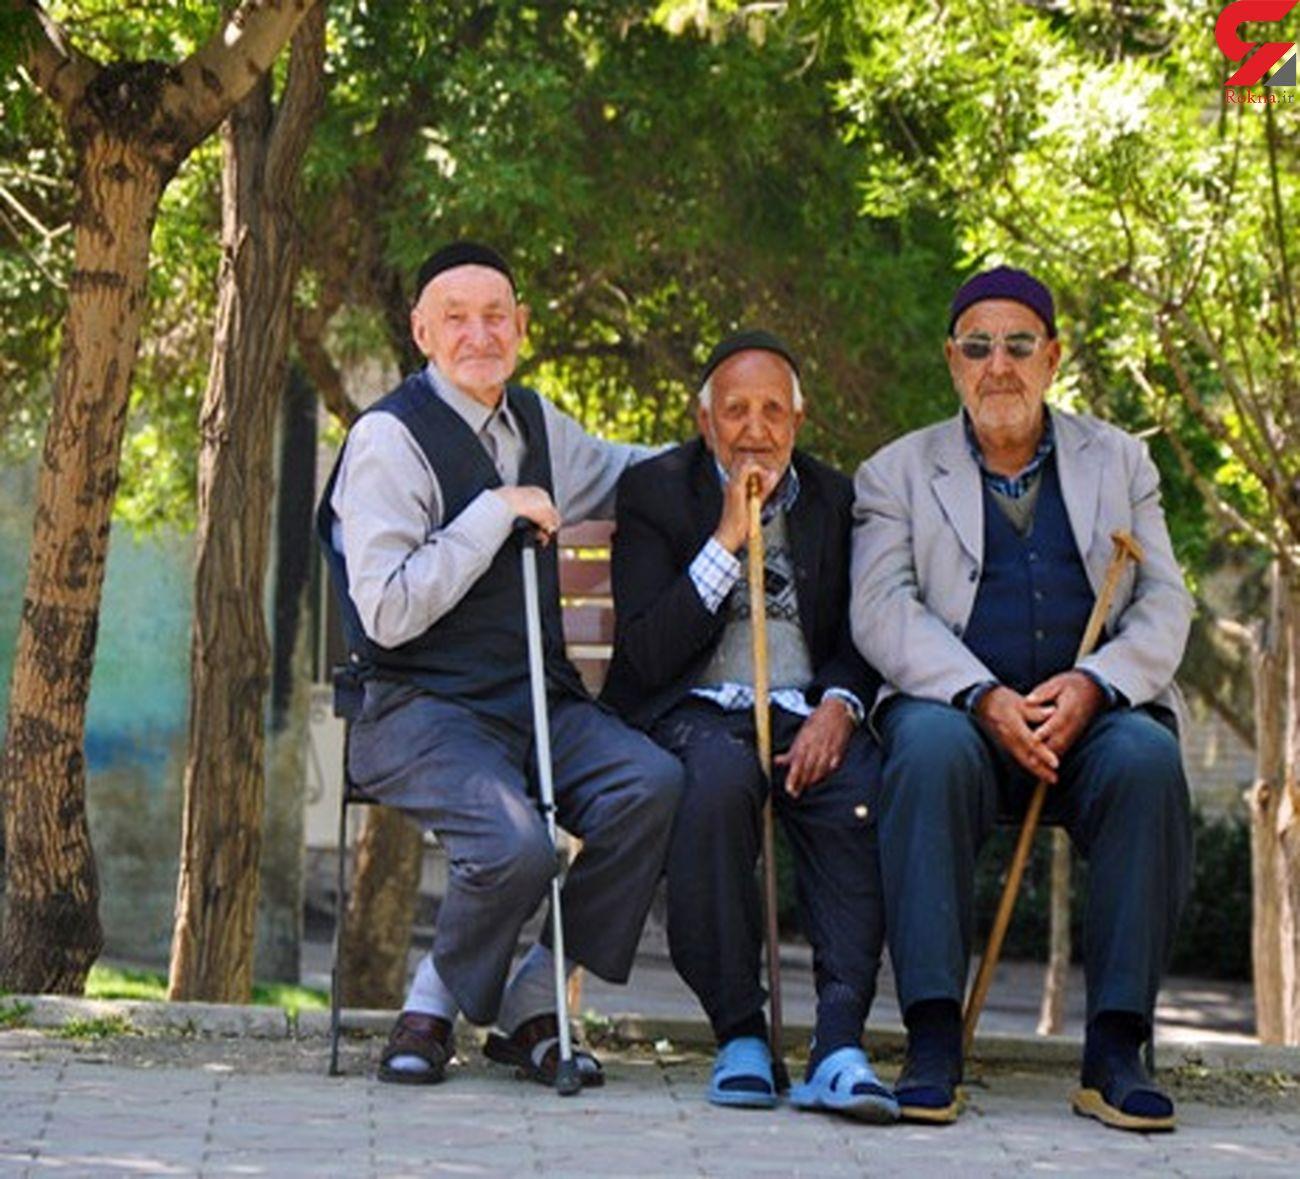 خبر خوب / موافقت دولت برای همسانسازی حقوق بازنشستگان